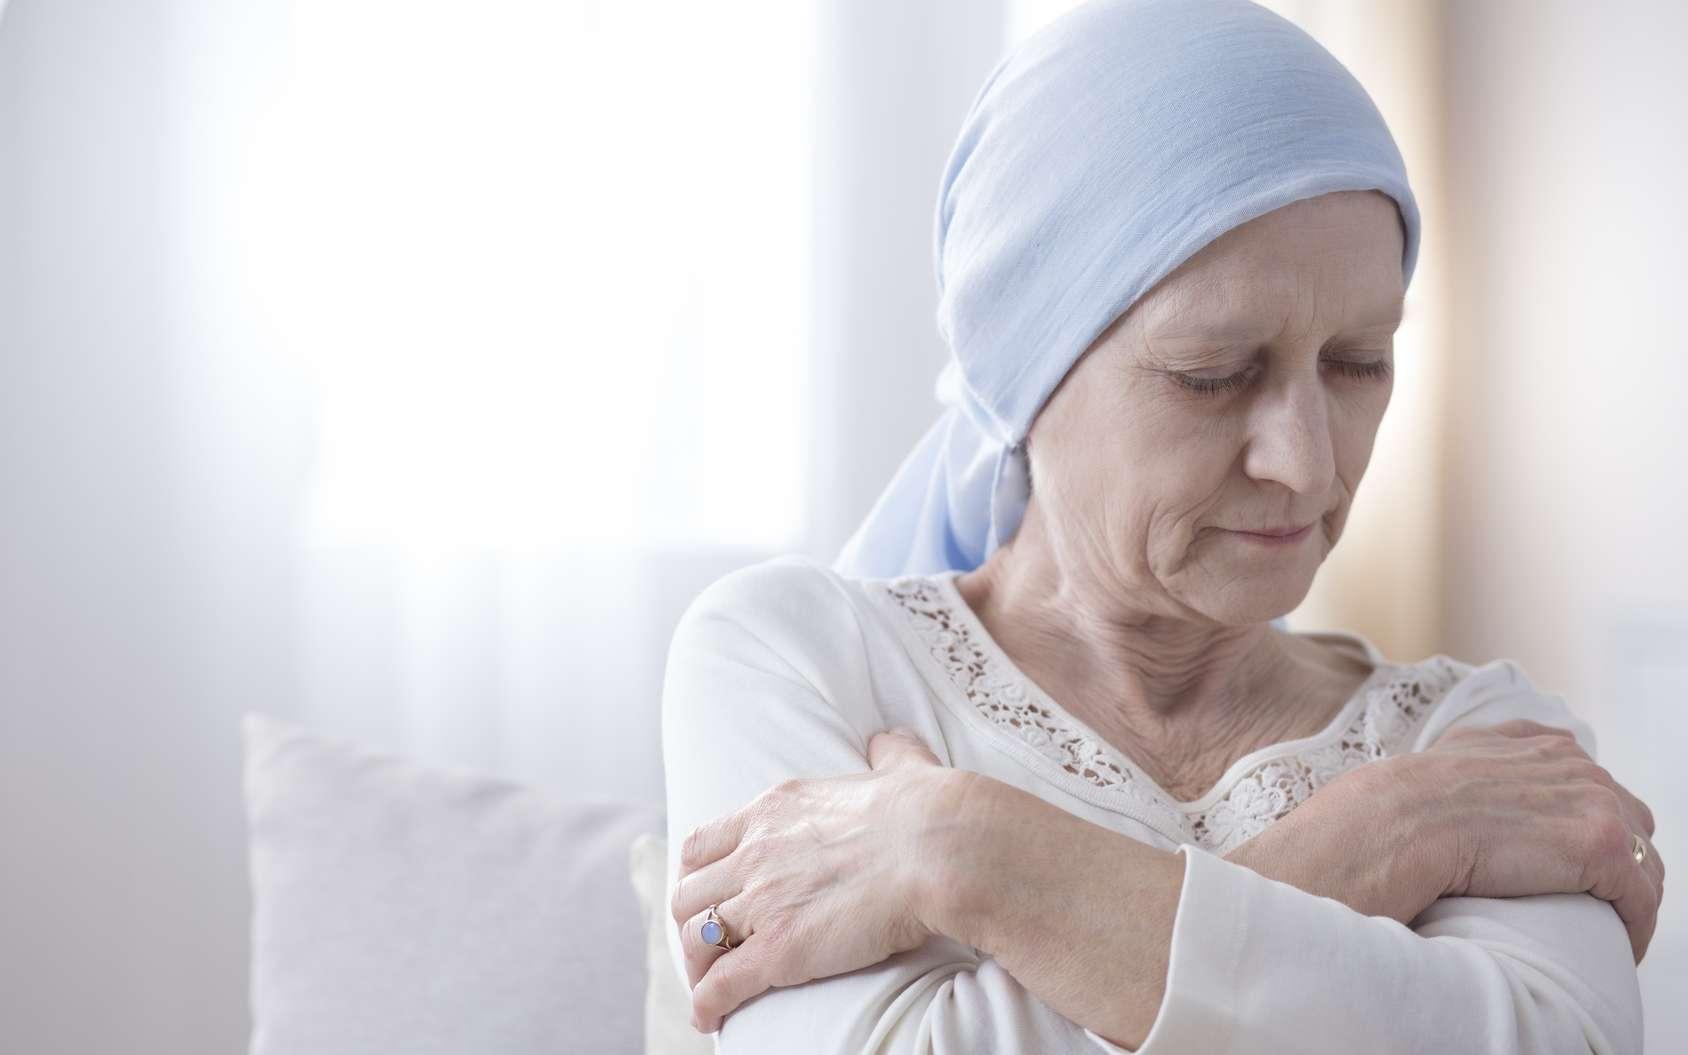 Le lymphome est souvent traité par chimiothérapie. © Photographee.eu, Fotolia